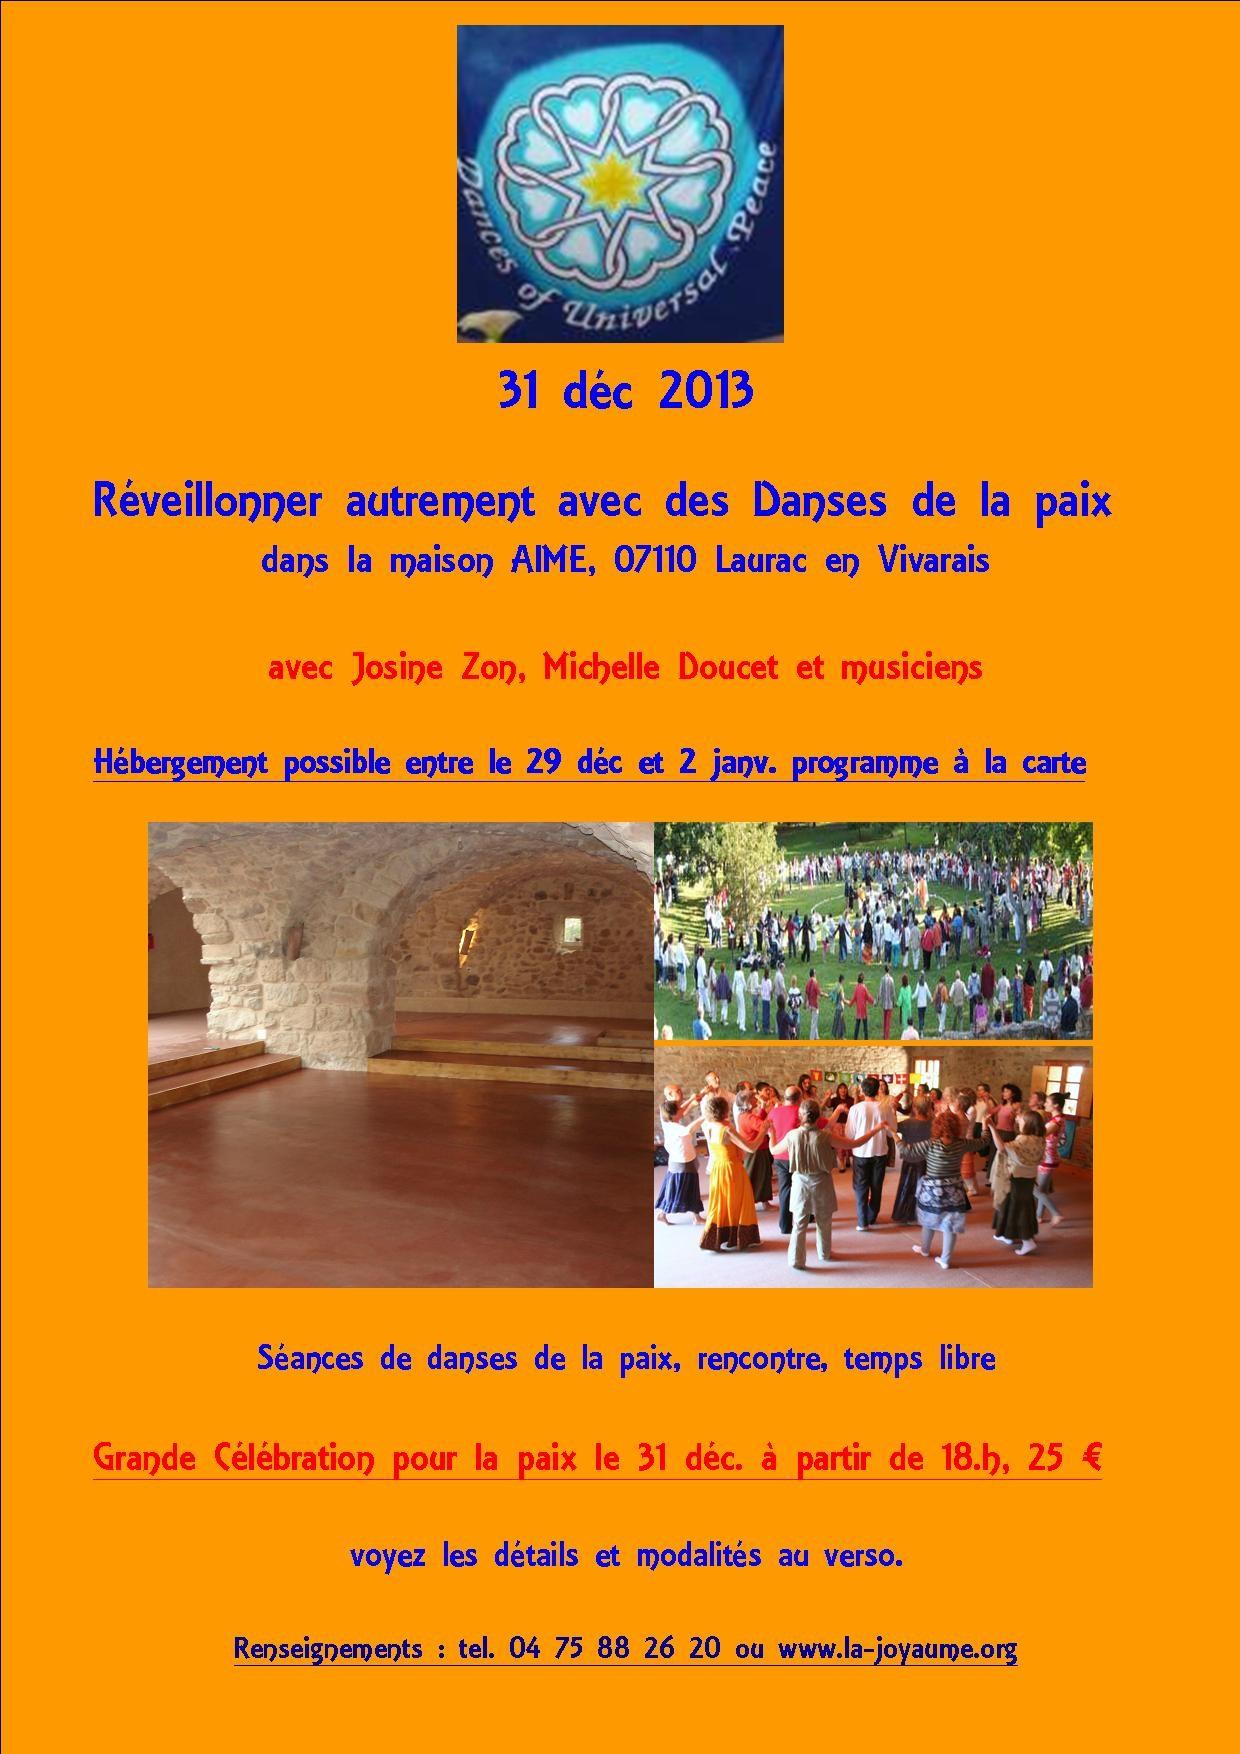 danses_de_la_paix_universelle